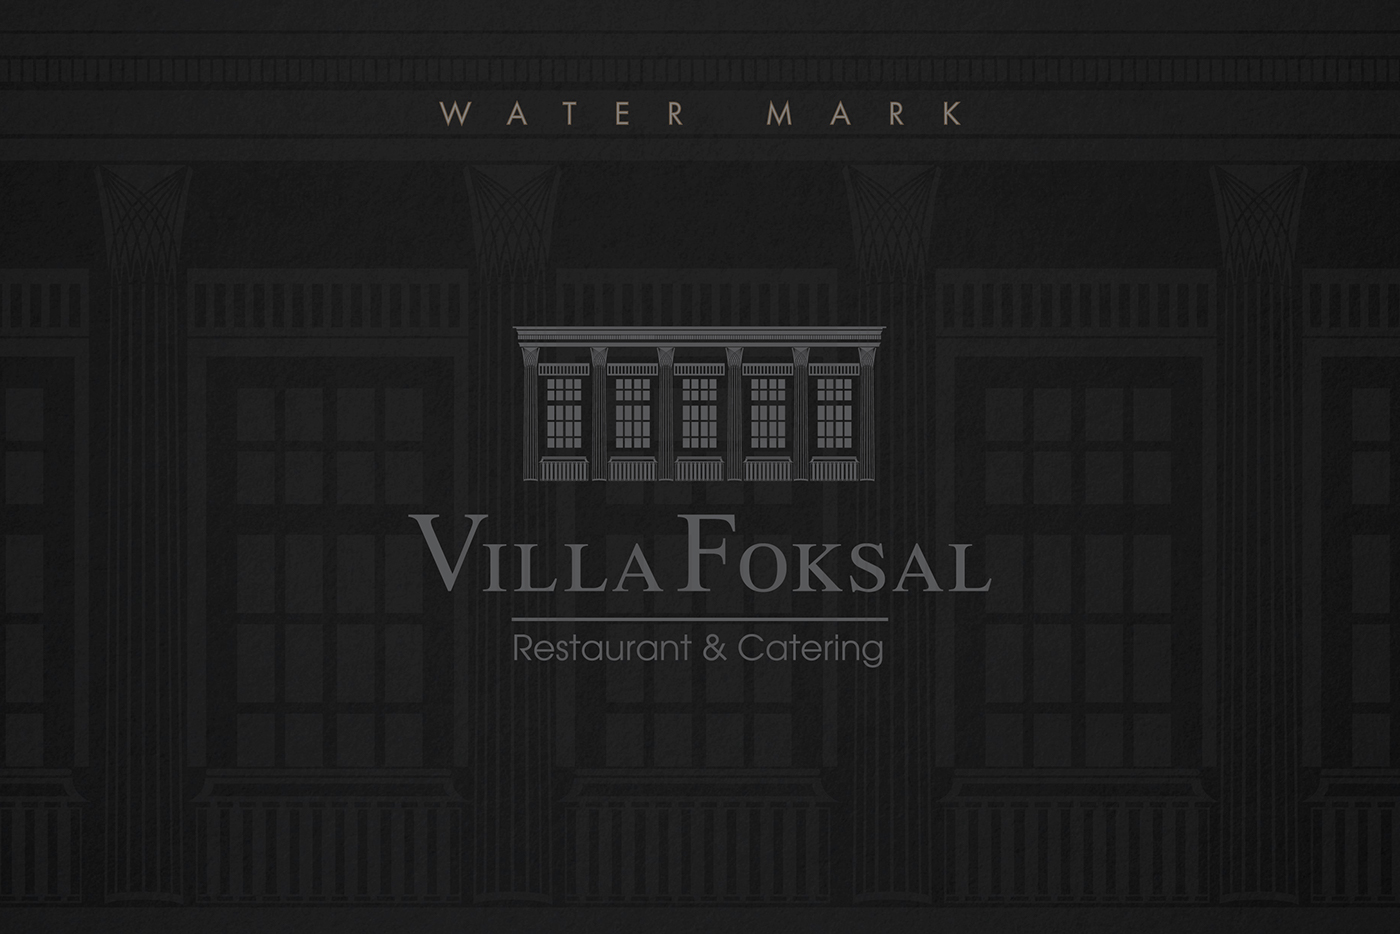 logo design branding  luxury grey architecture brand elegant restaurant Villa